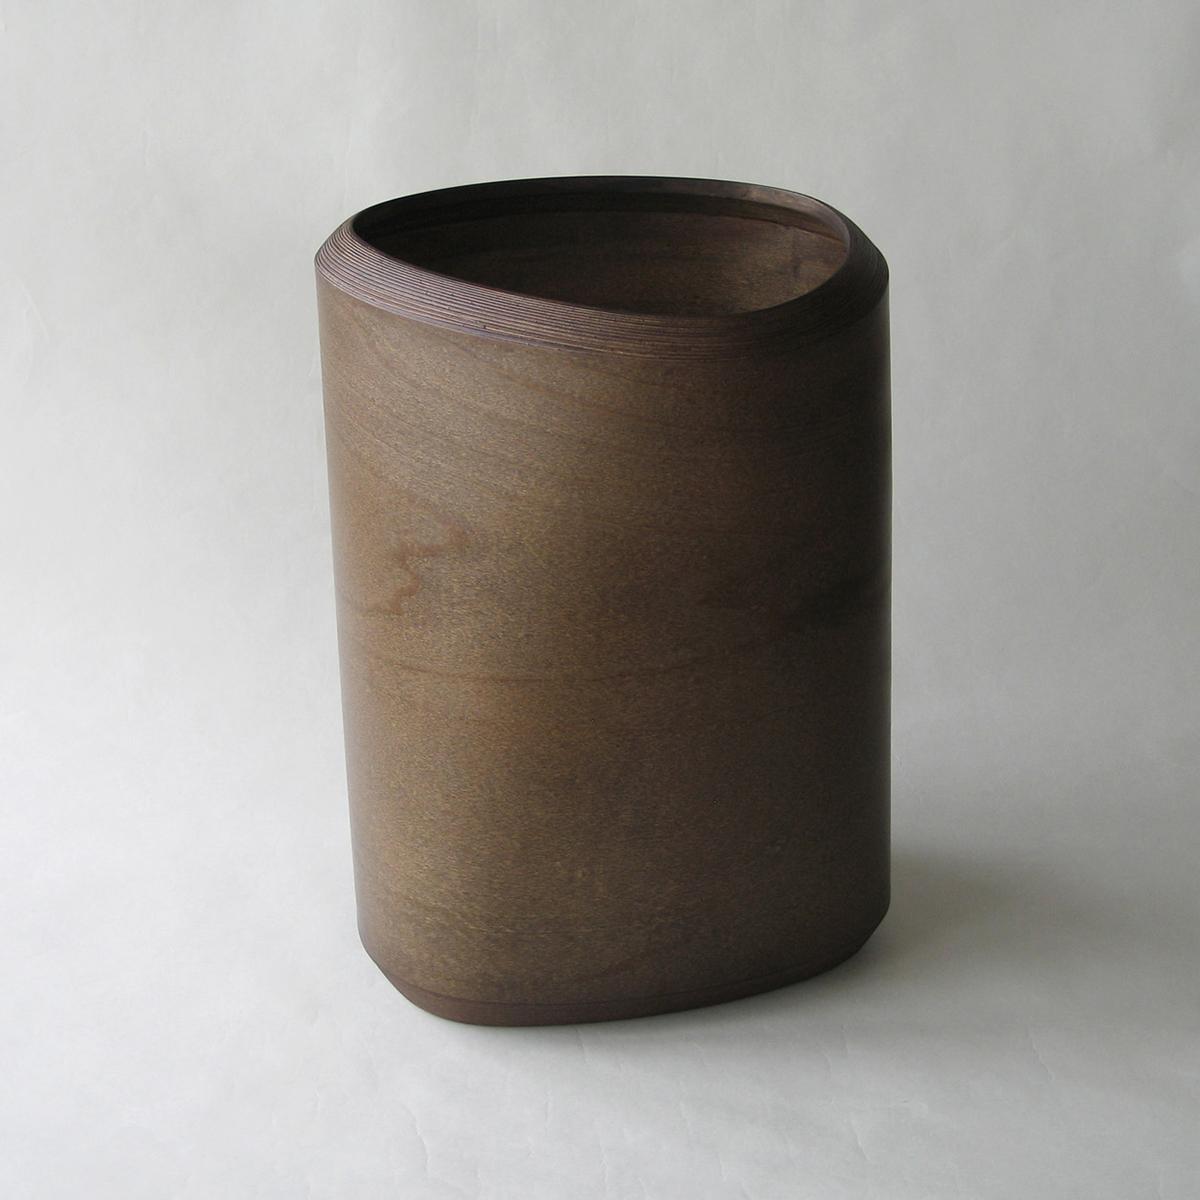 ブナコ INTERIOR GOODS DUST BIN IB-D8116 Dark brown /マルゲリータ